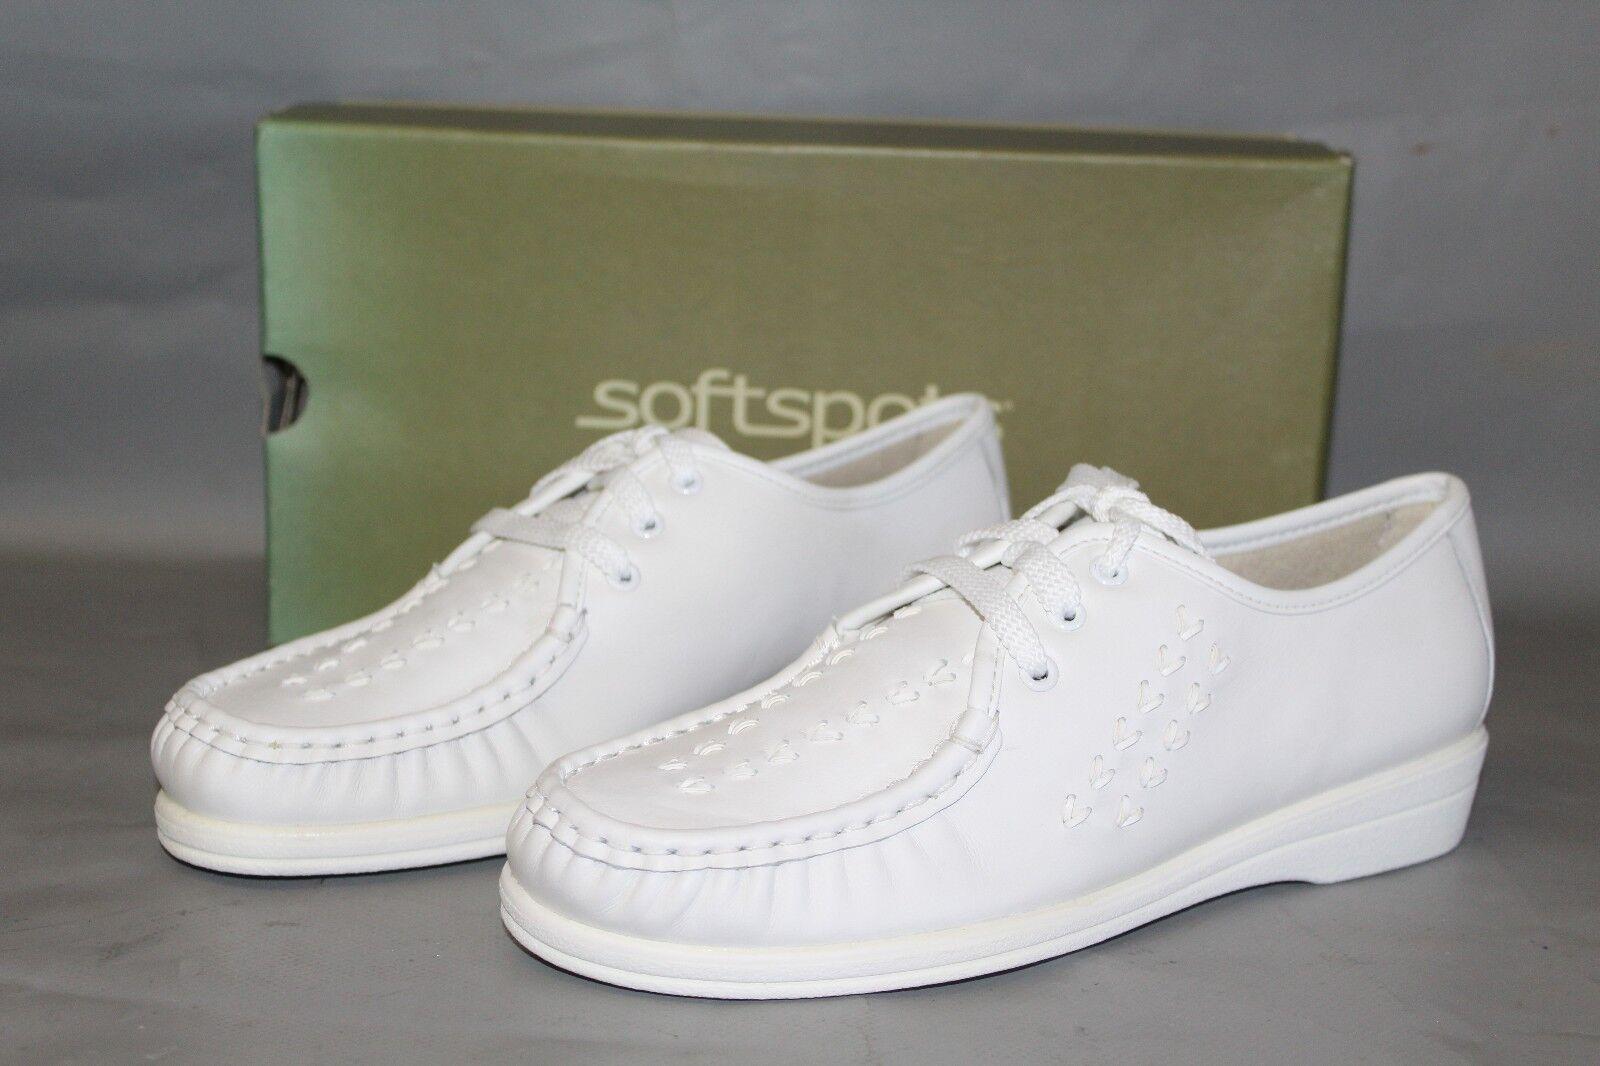 Softspots Bonnie Lite blancoo para Mujer Mujer Mujer de Cuero Calzado Casual comodidad de apoyo  minoristas en línea